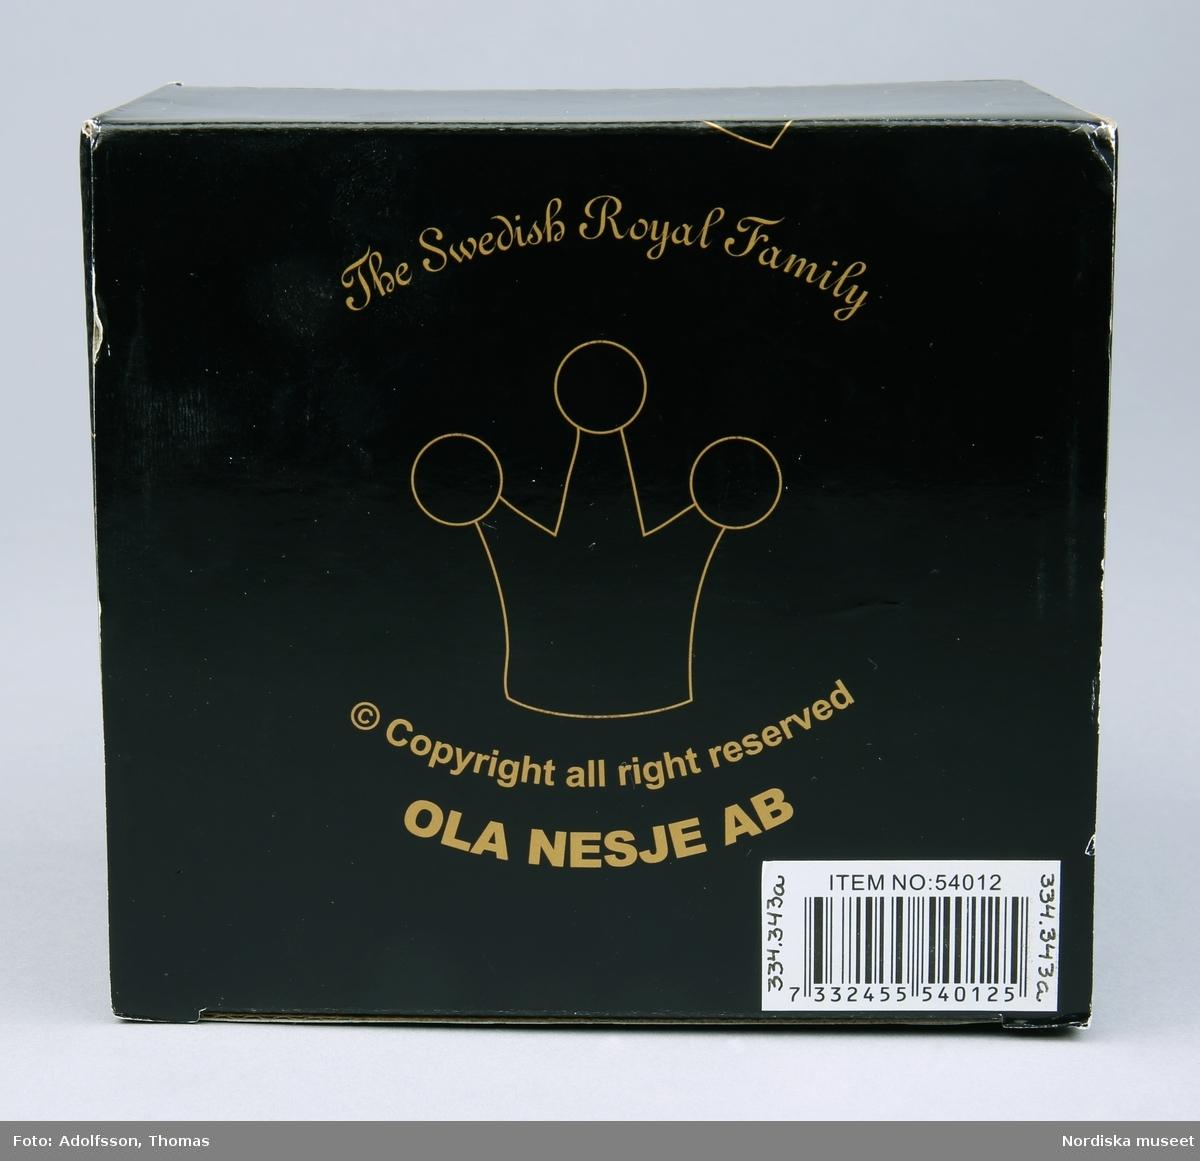 """a) Förpackning/kartong  av svart papp, dekor och text i guldfärg. b) Löst påskjutslock av transparent plast. Inuti asken c) lös insats av papp med urtag för muggen.  Text på kartongen; """"The Swedish Royal Family"""", """" © Copyright all right reserved OLA NESJE AB""""  I botten etikett med strckkod/EAN-kod 7332455540125 och text """"ITEM NO: 54012"""" Prislapp på påskjutslocket """"69:  Anm. tejprester på ena sidan av påskjutslocket. /Johanna Krumline 2011"""